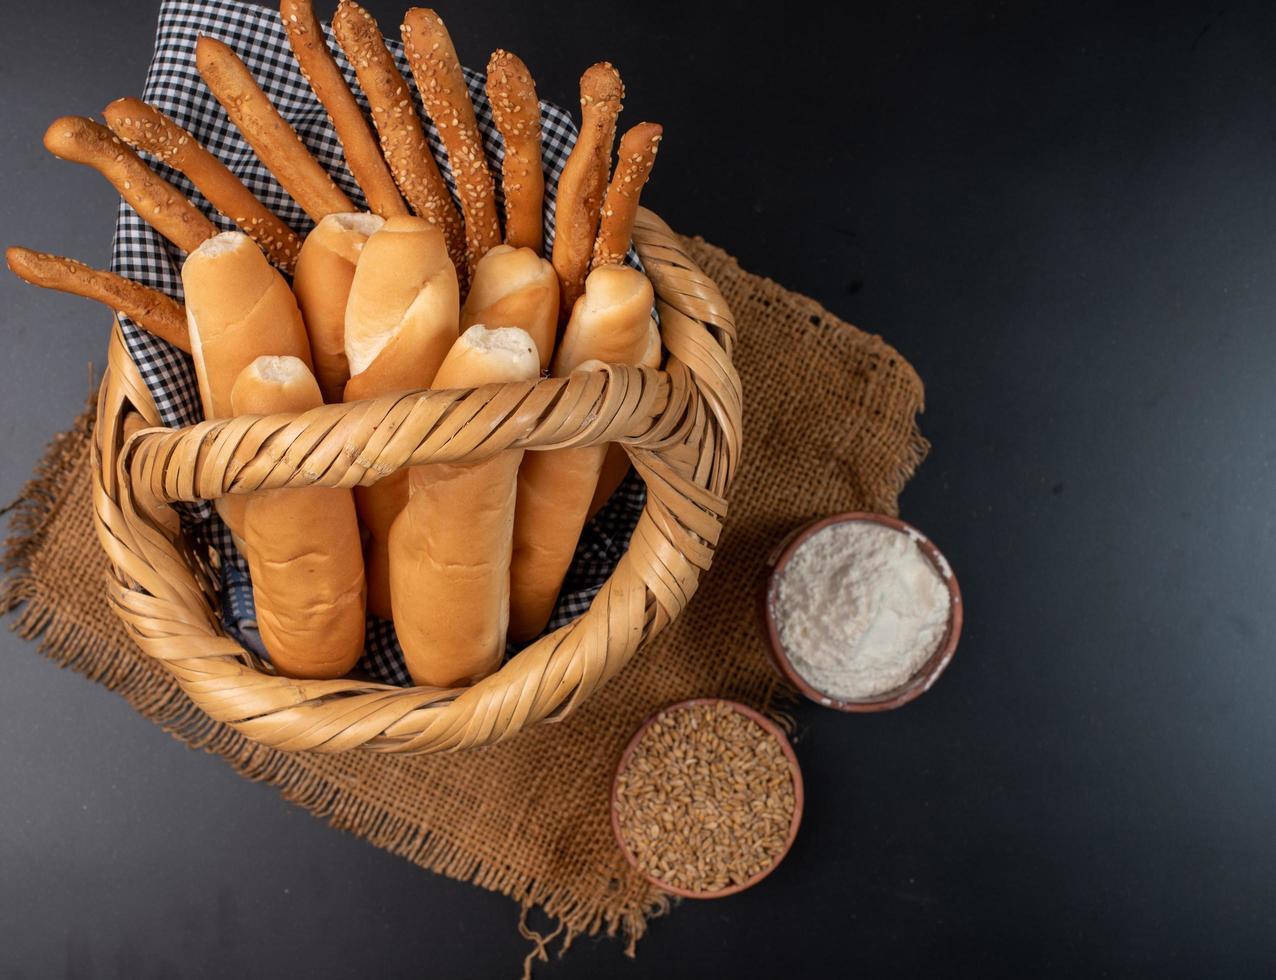 brood in een mand foto